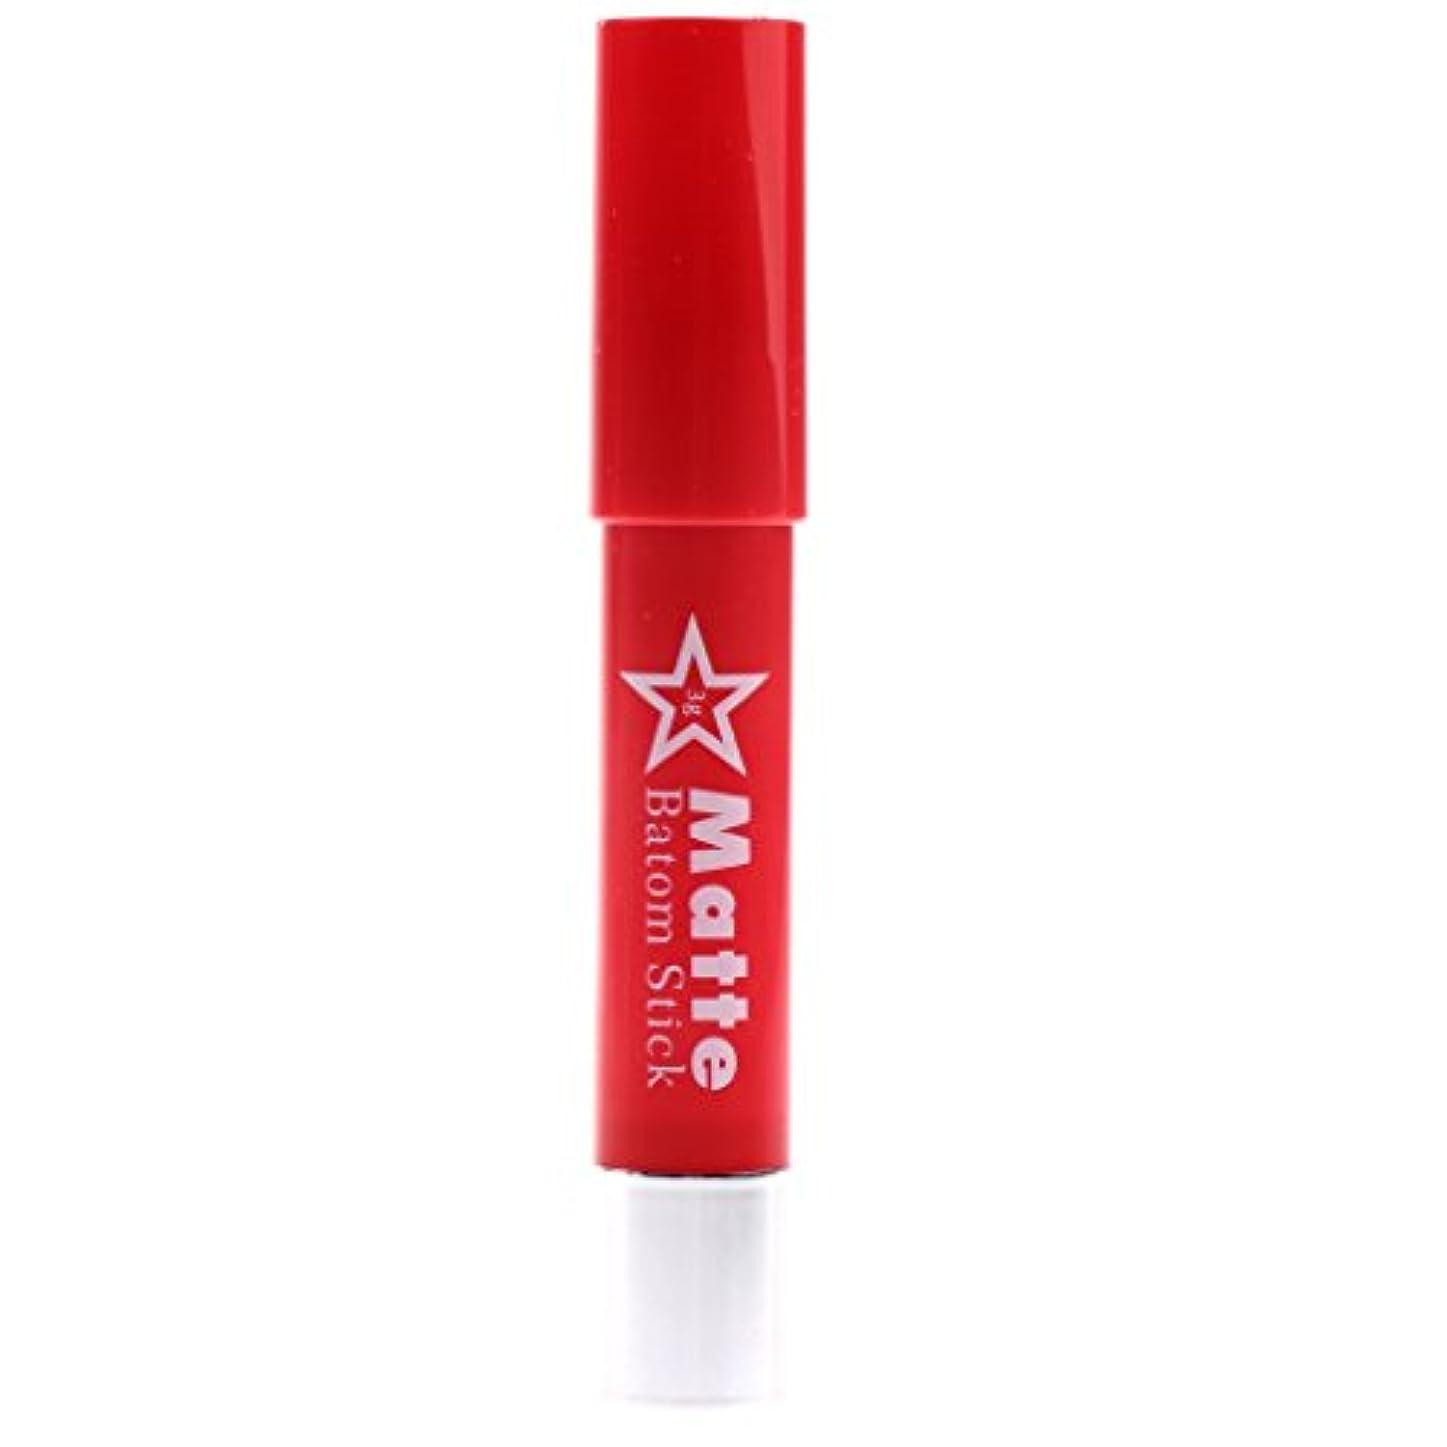 ピザ地域の請求6色セット リップスティック 口紅 長持ち 保湿 高彩度カラー 人気カラー 携帯便利 - #F